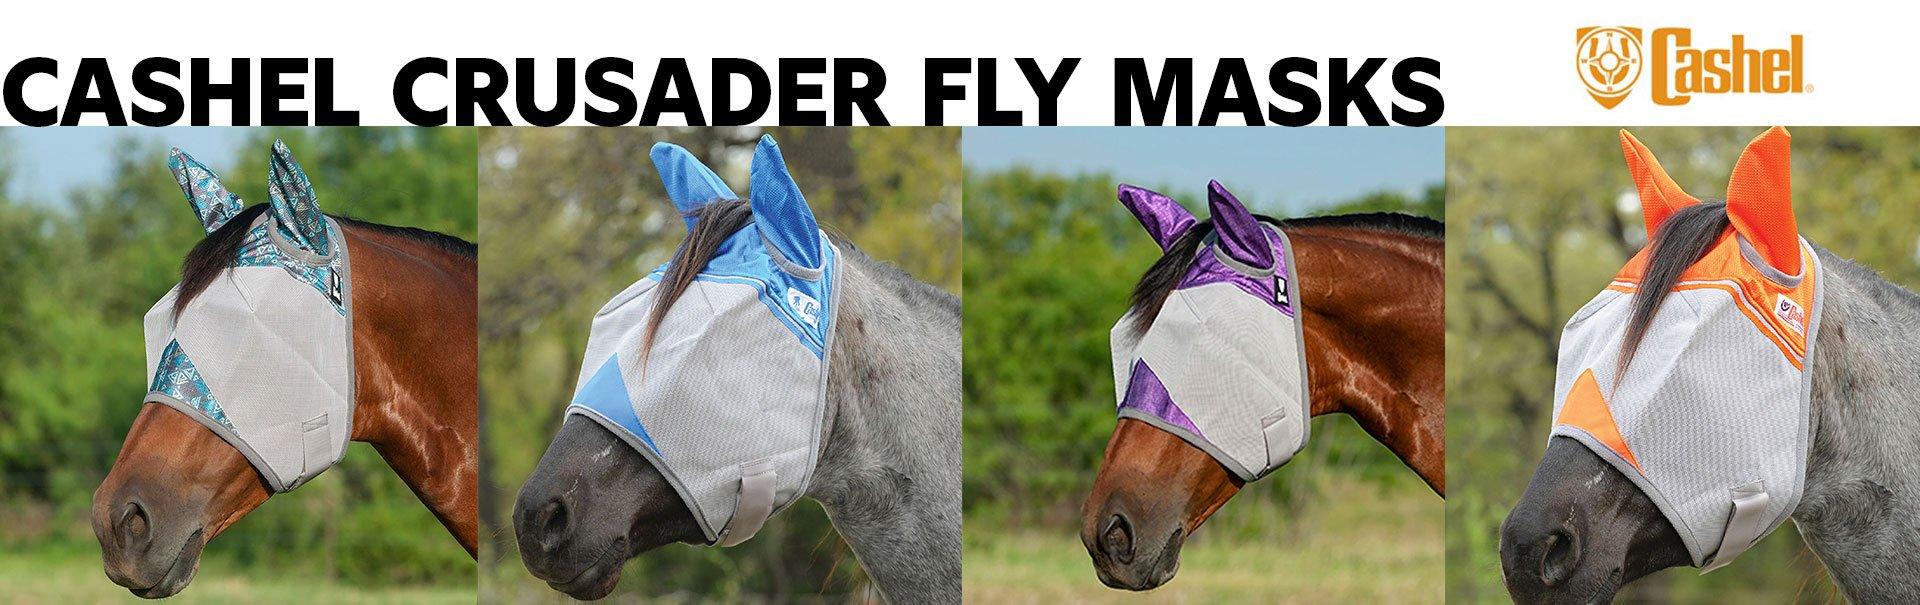 Cashel Crusader Fly Masks